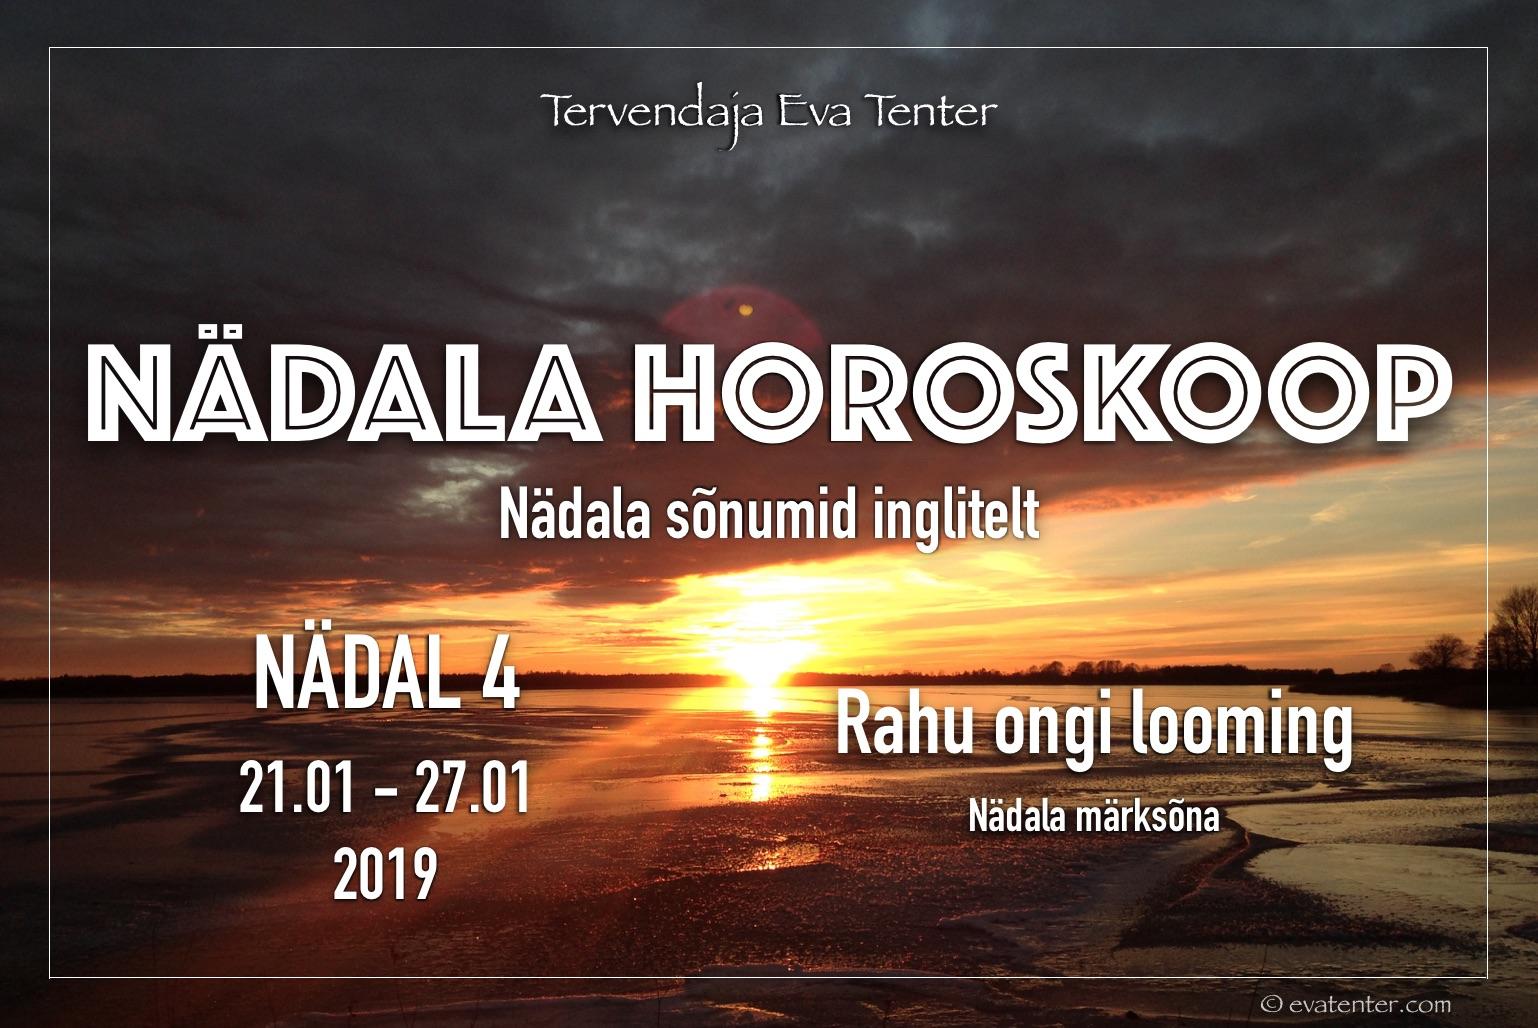 Nädala horoskoop 21.01-27.01.2019